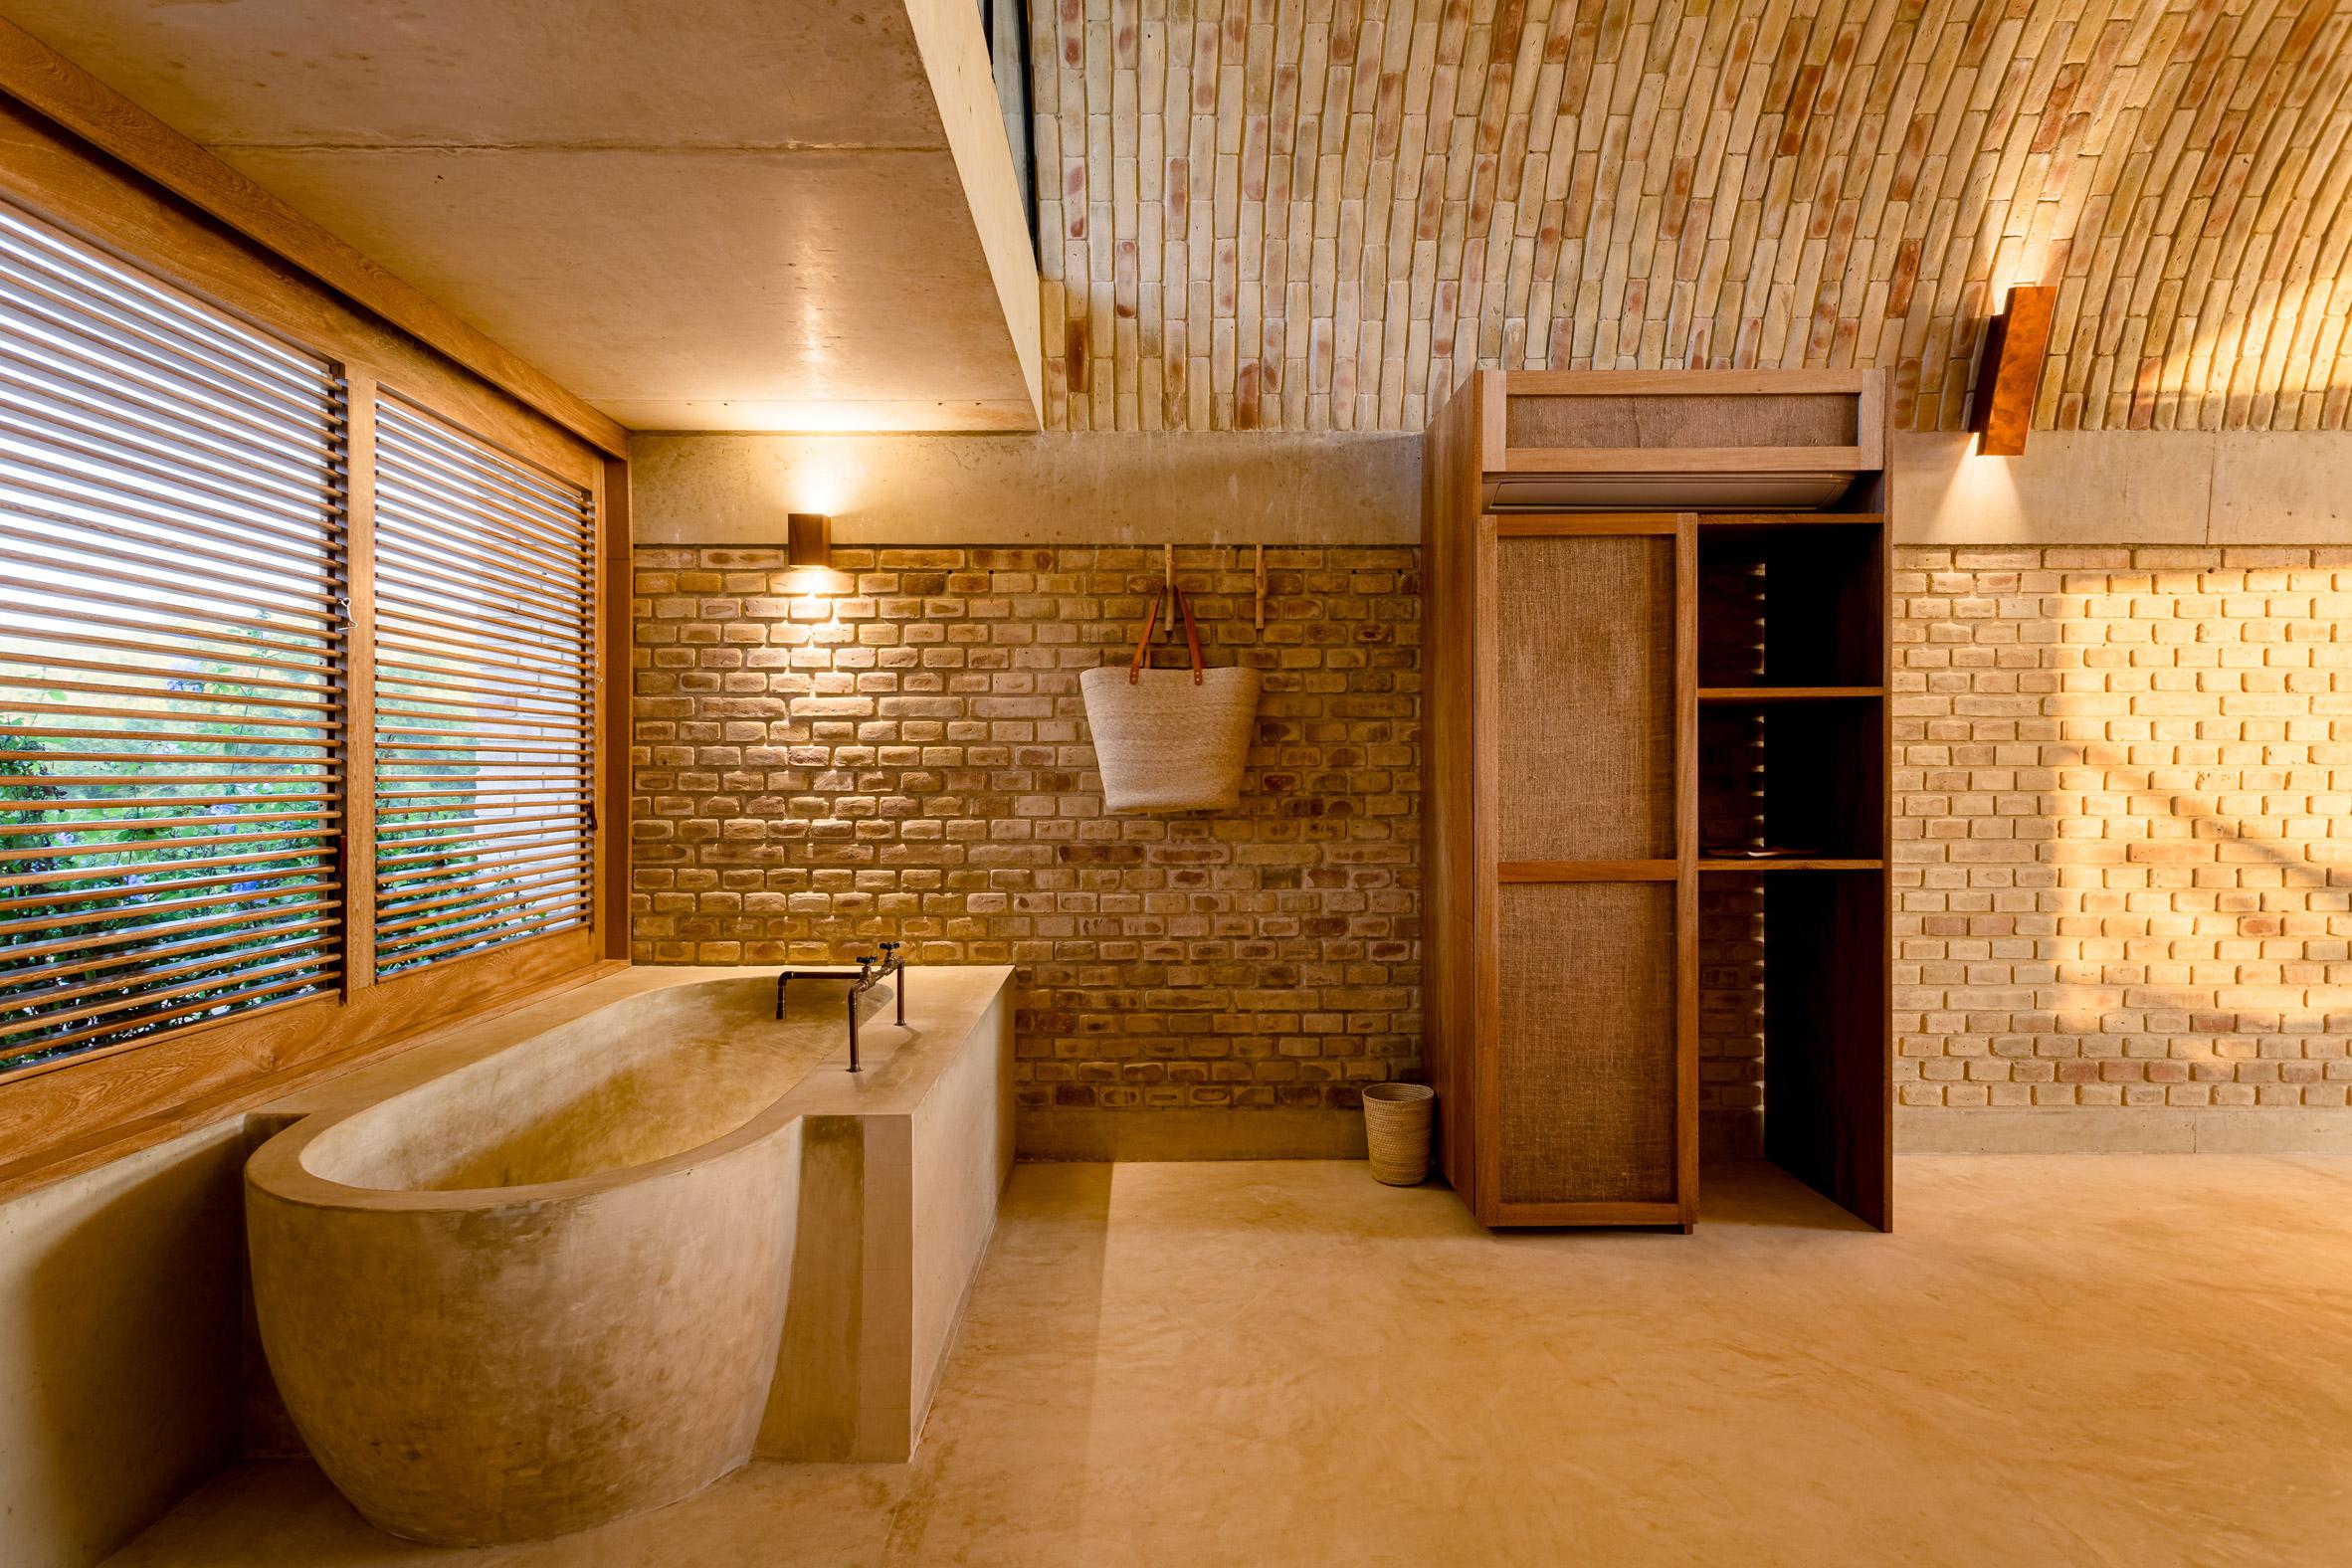 Minimal tones in Casona Sforza's bathrooms